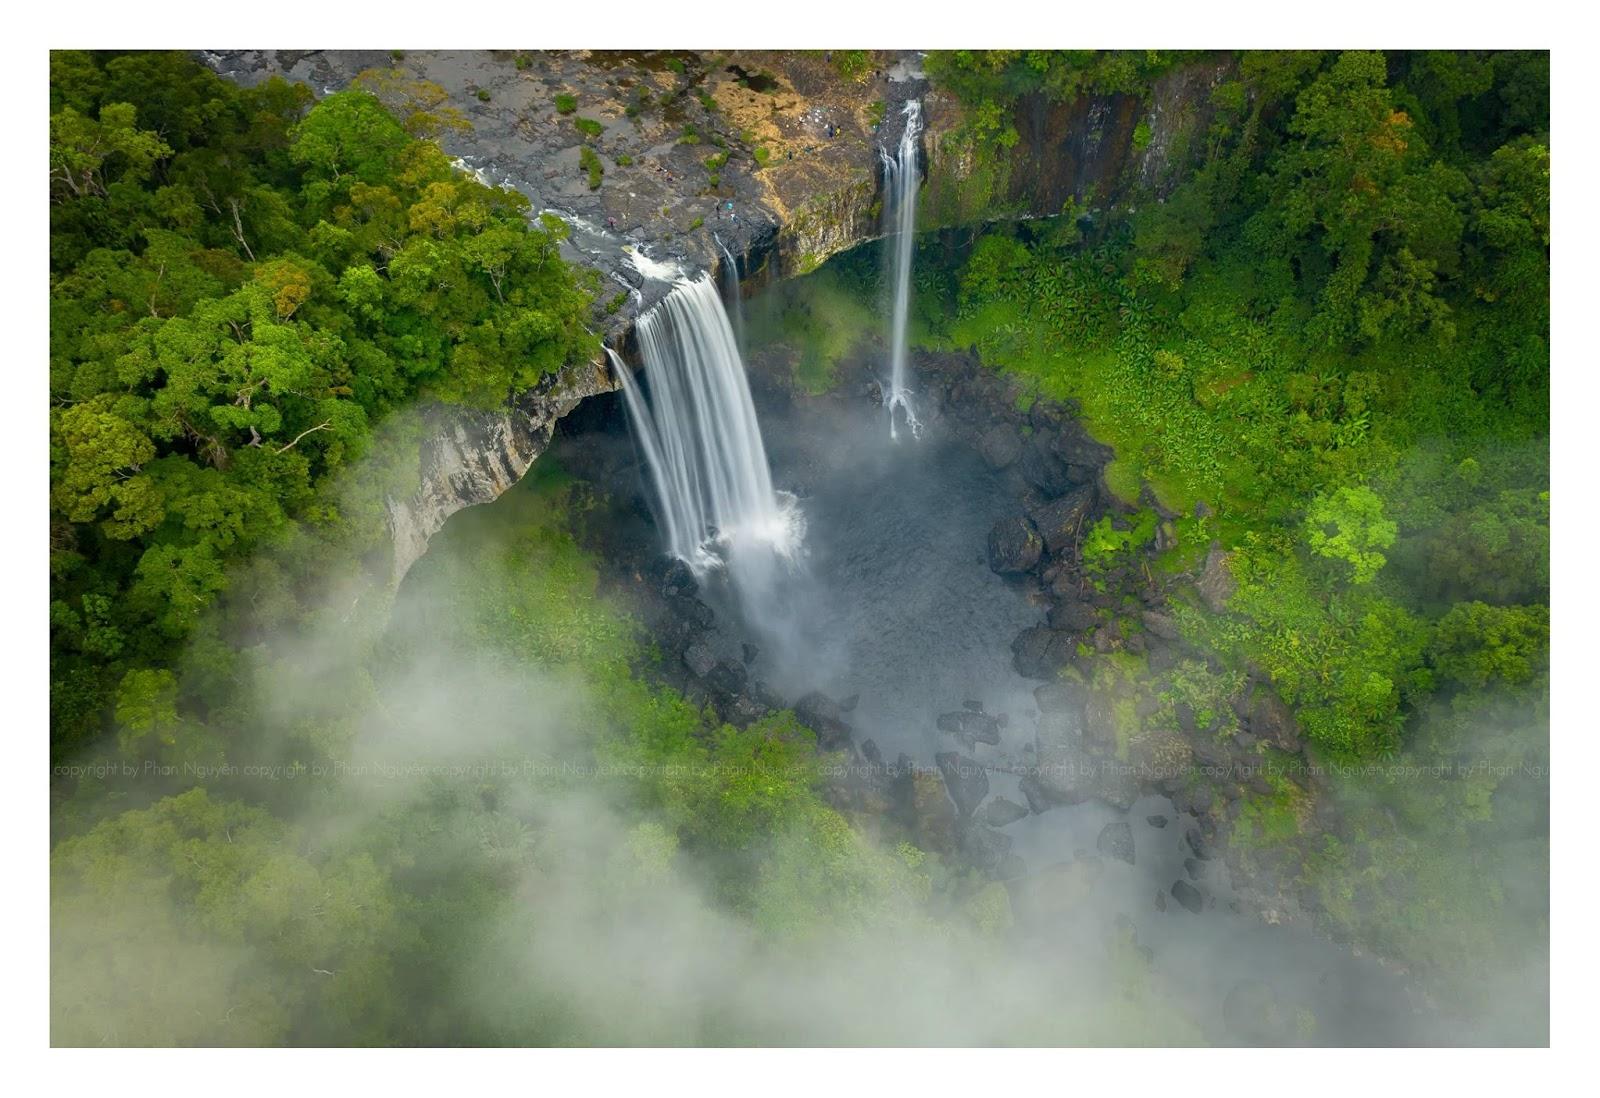 Chinh phục thác Hang Én 'đẹp mê hồn', trải nghiệm hấp dẫn chỉ có ở Gia Lai